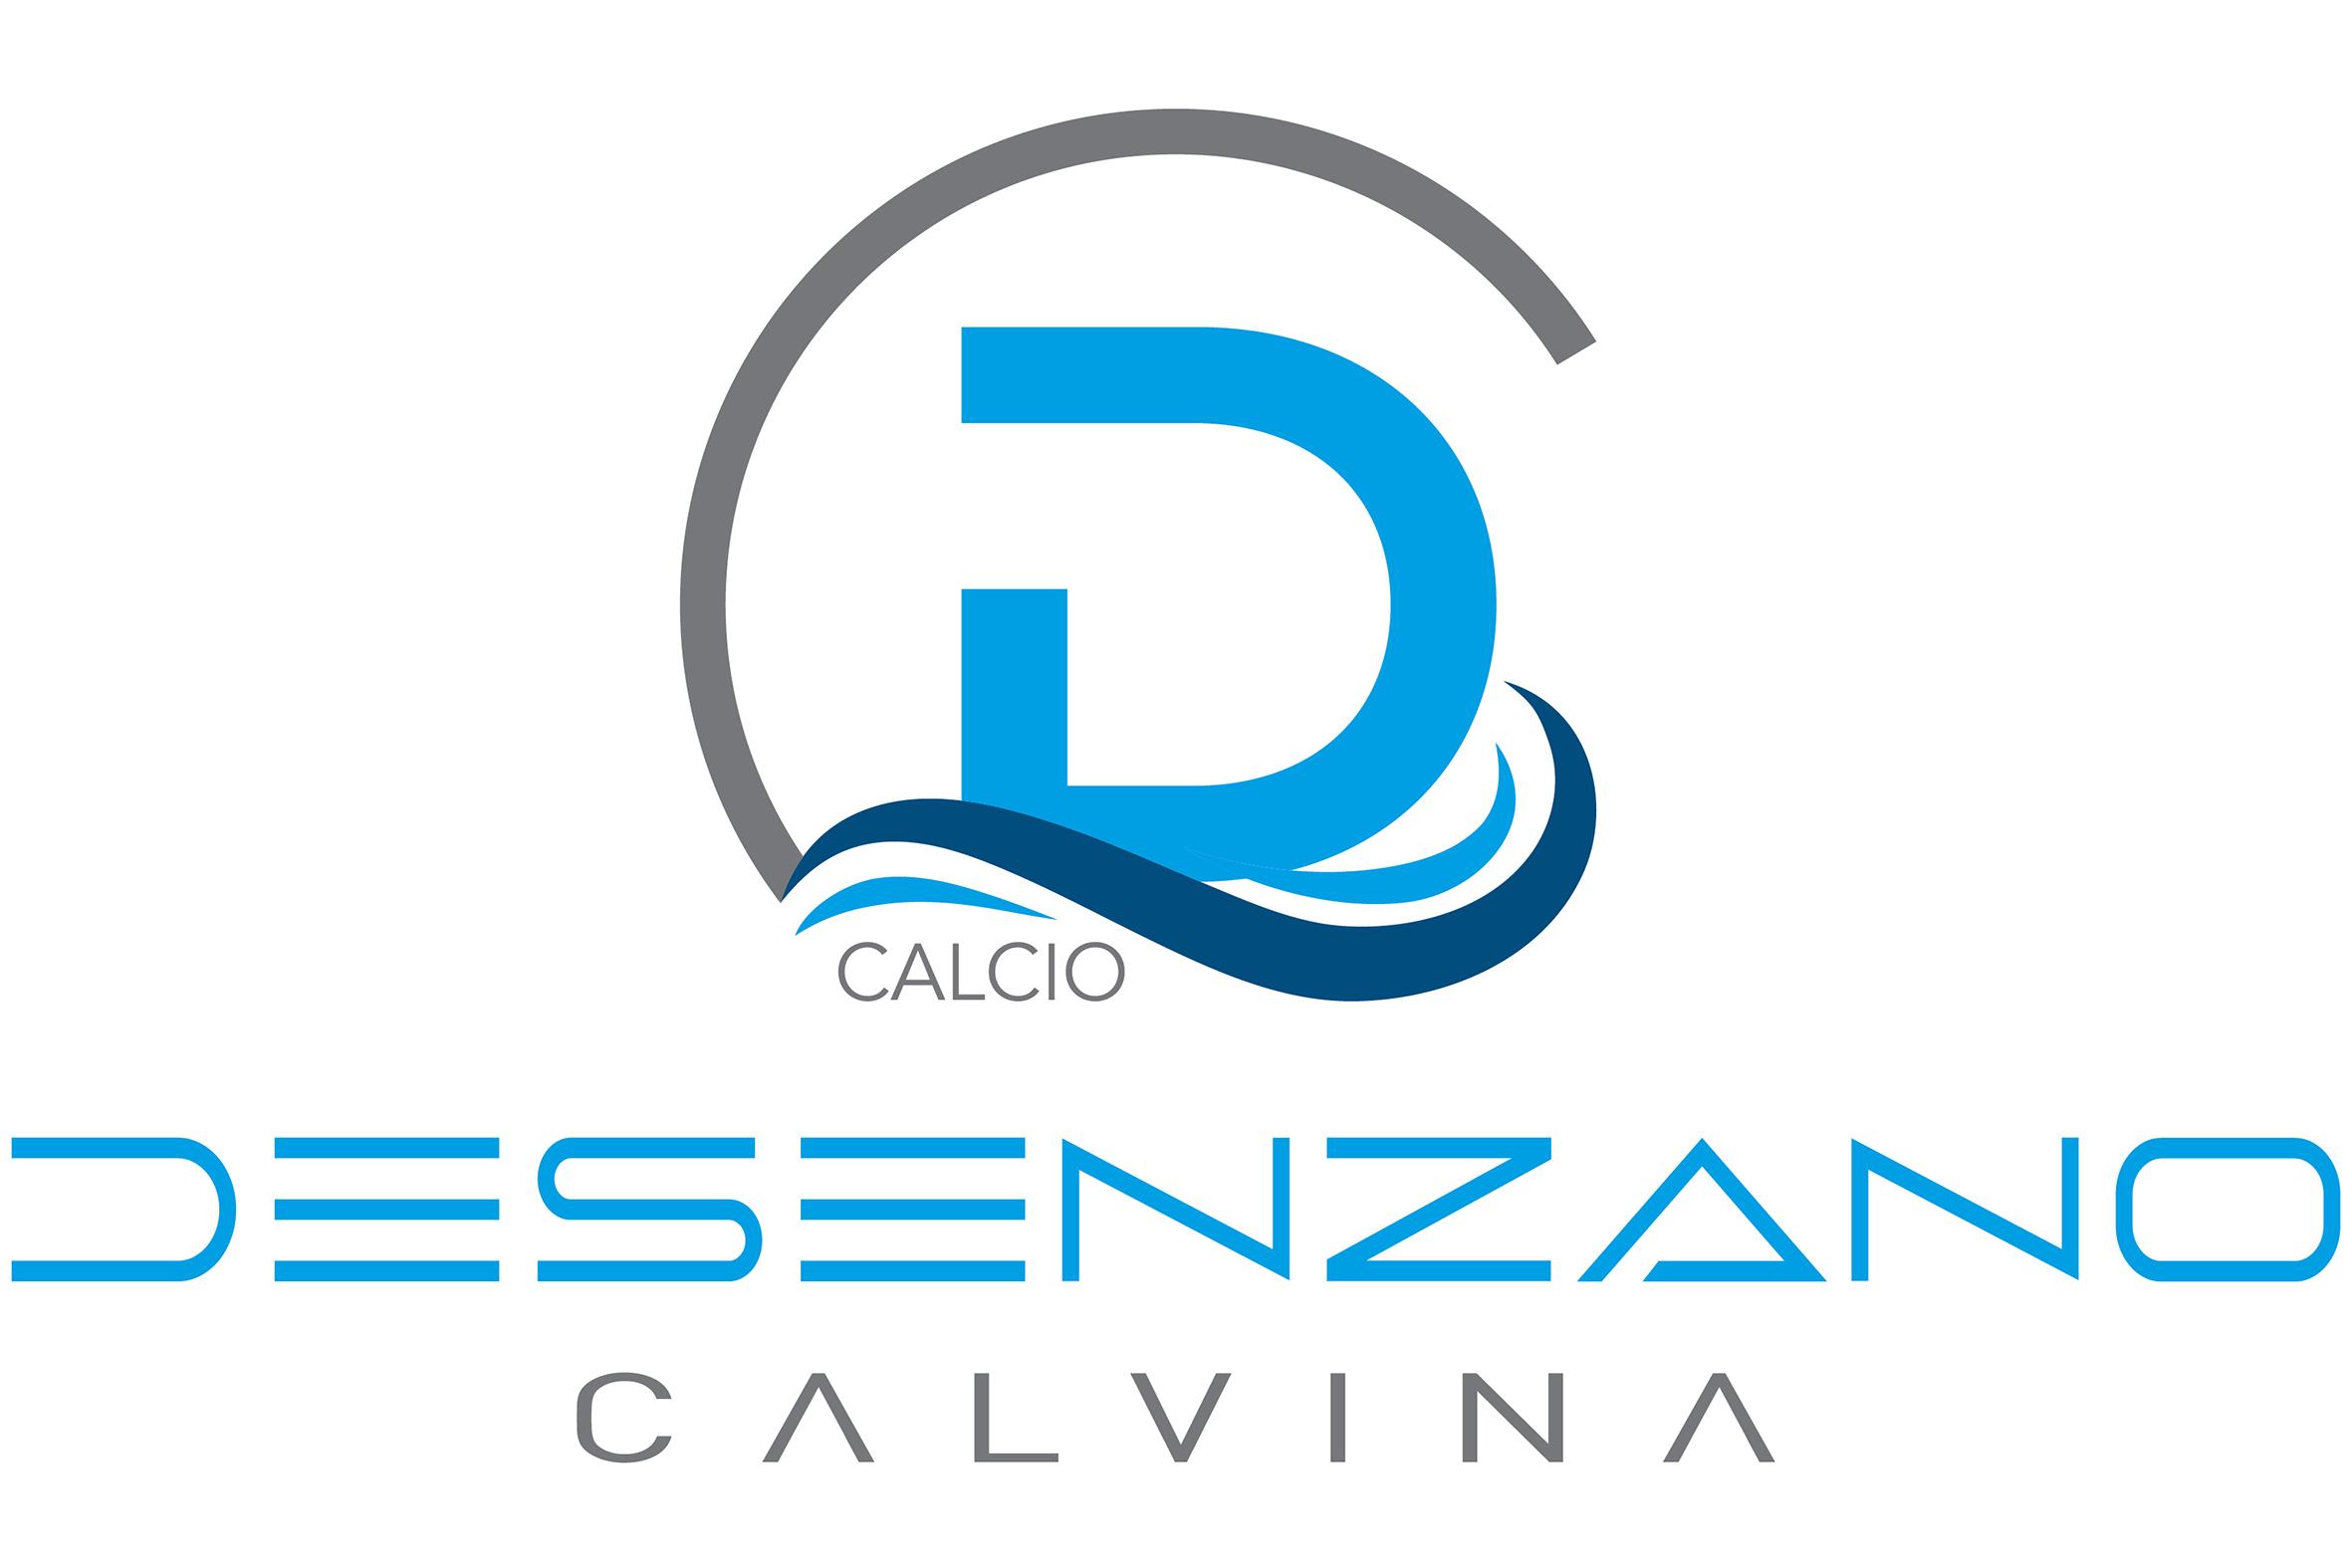 https://www.desenzanocalvina.it/wp-content/uploads/2020/07/il-logo-del-nuovo-desenzano-calvina-desenzanocalvina-it.jpg